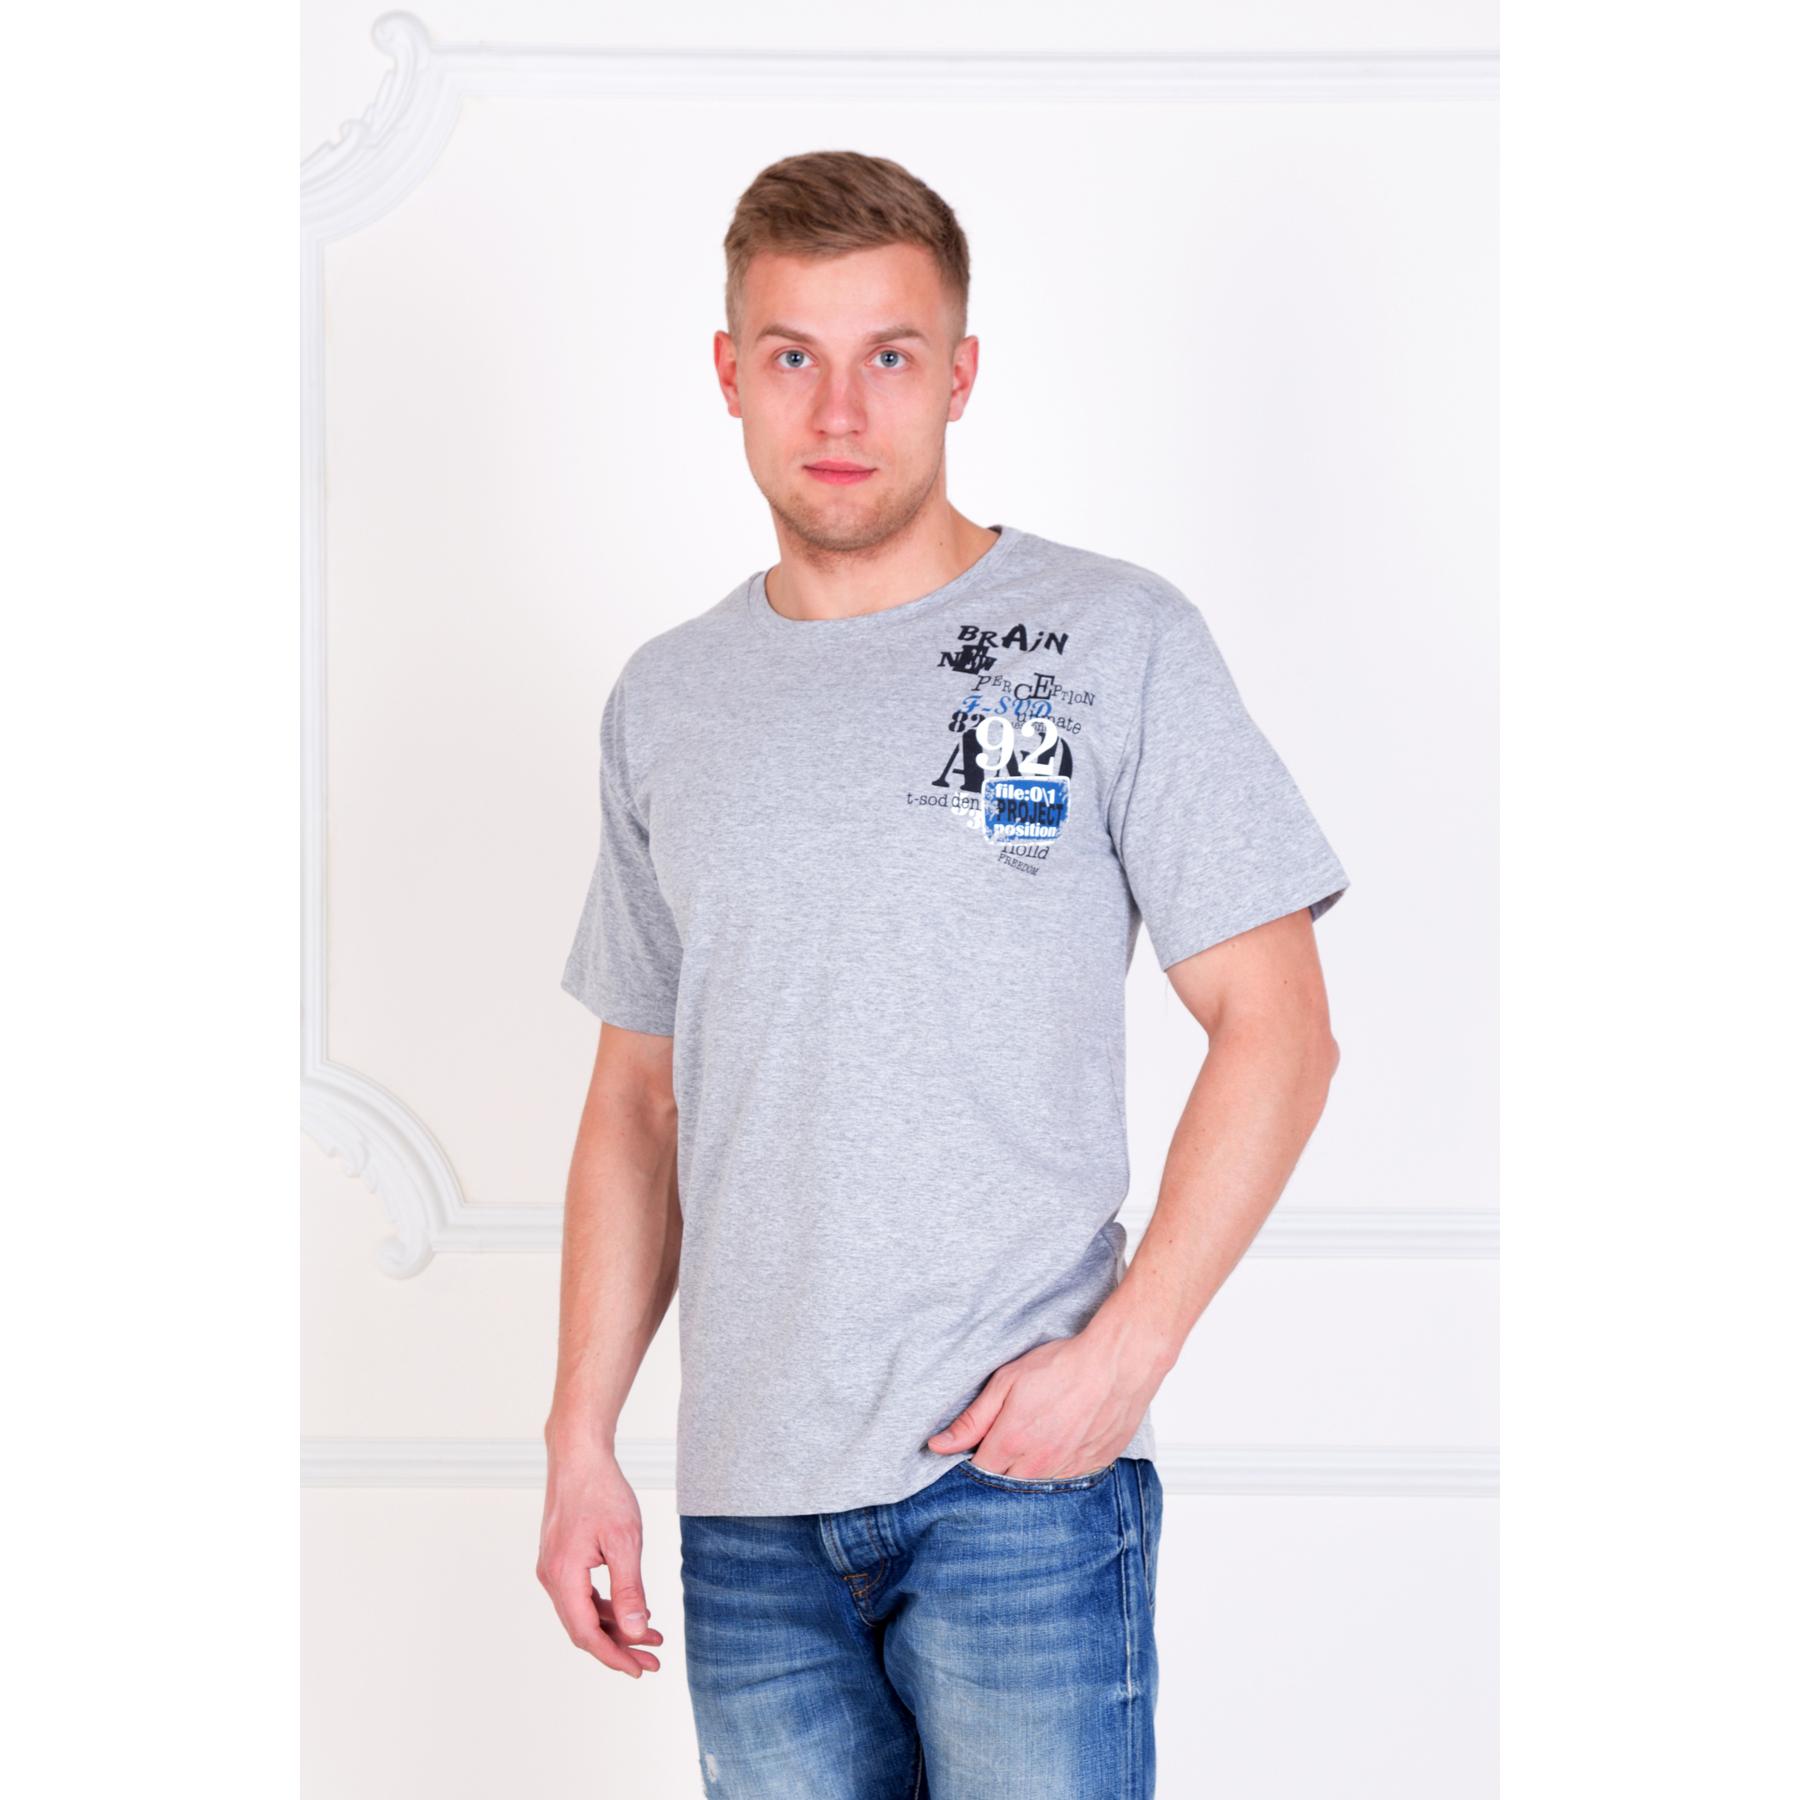 Мужская футболка Brain Серый, размер 60Майки и футболки<br>Обхват груди: 120 см <br>Обхват талии: 112 см <br>Обхват бедер: 116 см <br>Рост: 178-188 см<br><br>Тип: Муж. футболка<br>Размер: 60<br>Материал: Кулирка